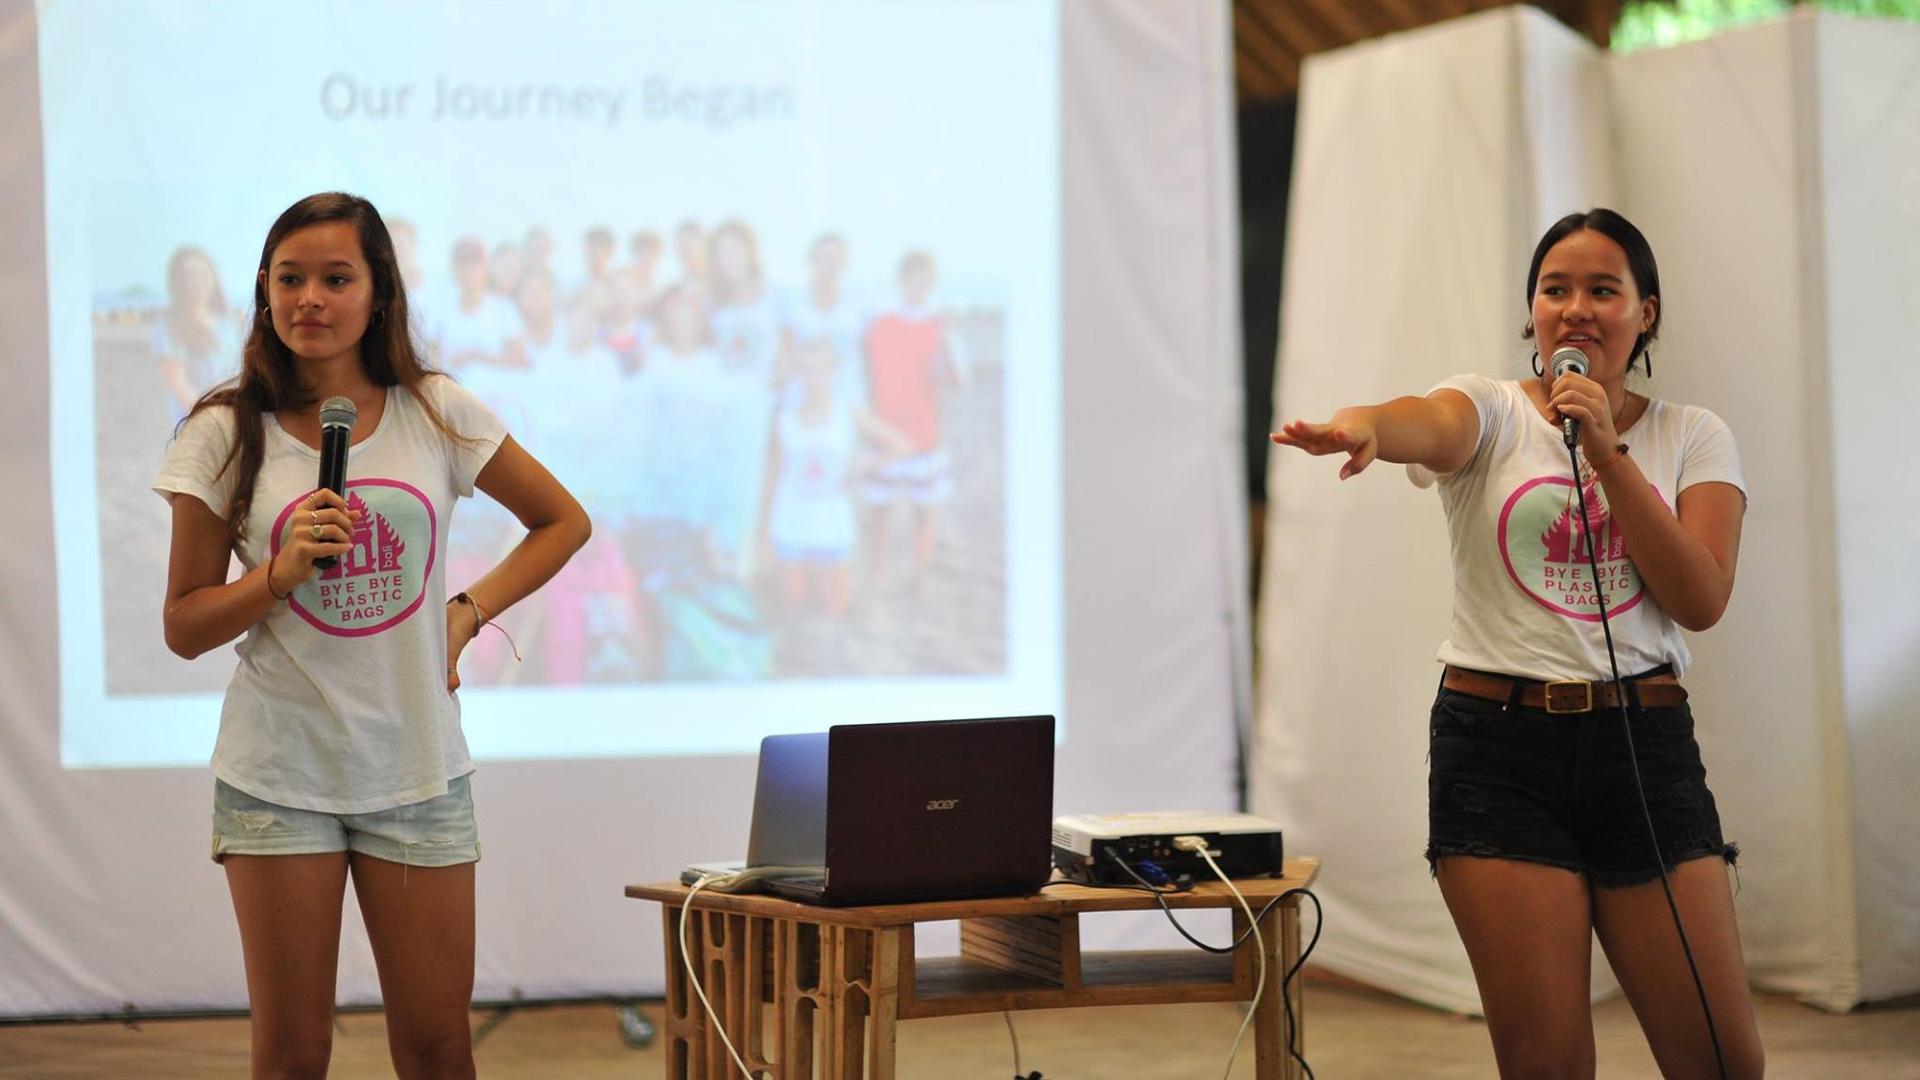 BBPB: Bye Bye Plasticbags heißt die Initiative von Isabel und Melati Wijsen. Die beiden Schwestern haben schon einiges erreicht, um Plastiktüten endgültig von ihrer Heimatinsel Bali zu befreien und so auch den Plastikmüll im Meer zu reduzieren. Hier halten sie eine ihrer vielen Reden, mit der sie seit Beginn an weltweite Aufmerksamkeit schüren.